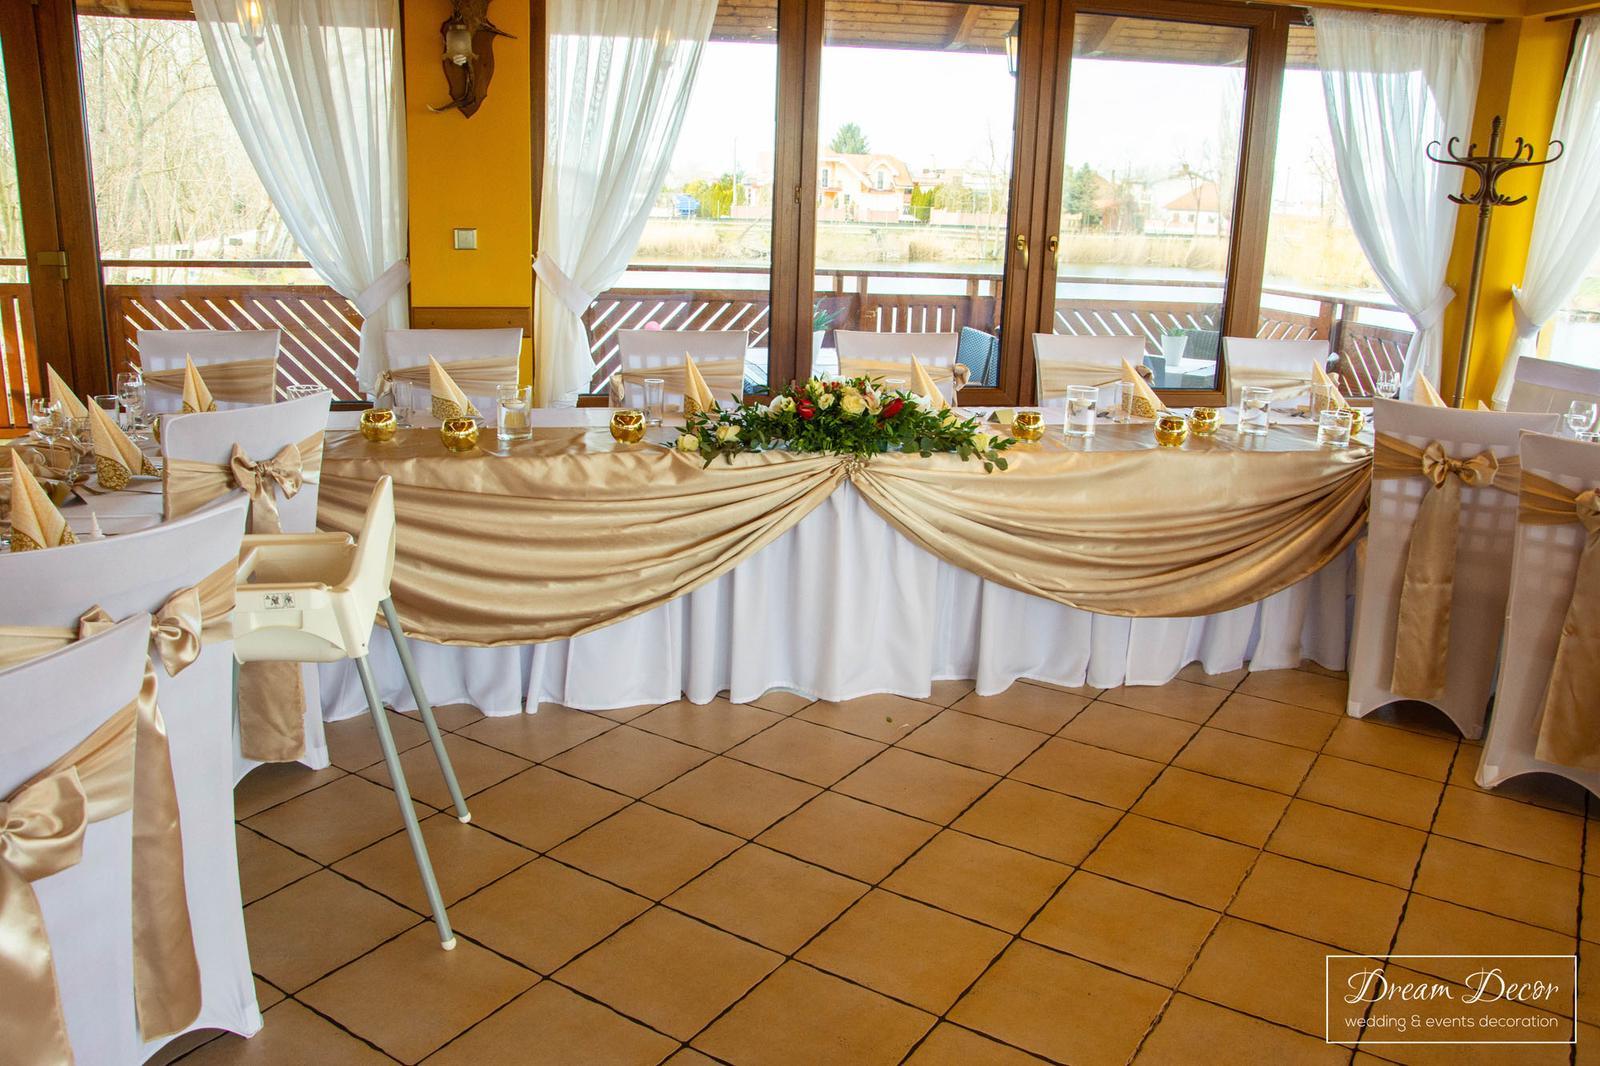 Svadobná výzdoba reštaurácie Pekidors, Michal na Ostrove - Svadobná výzdoba reštaurácie Pekidors, Michal na Ostrove